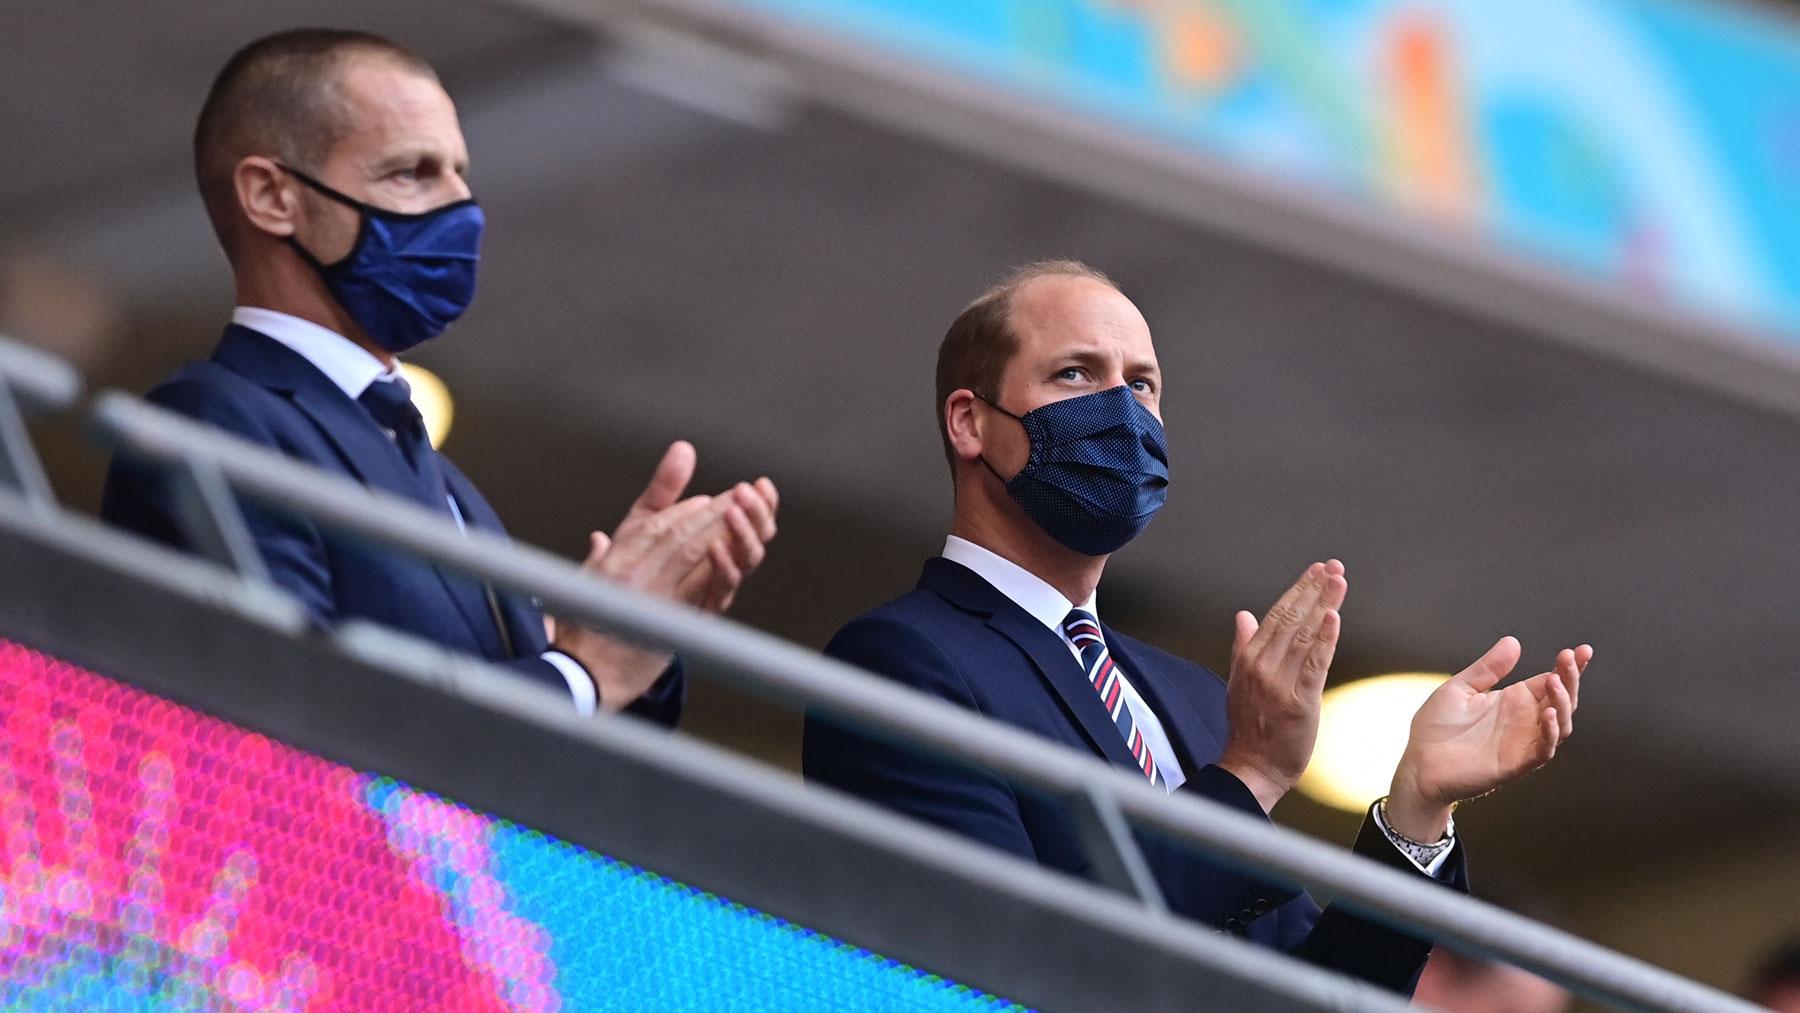 Aleksander Ceferin junto al príncipe Guillermo en el palco de Wembley durante un partido de Inglaterra en la Eurocopa 2020 (AFP)